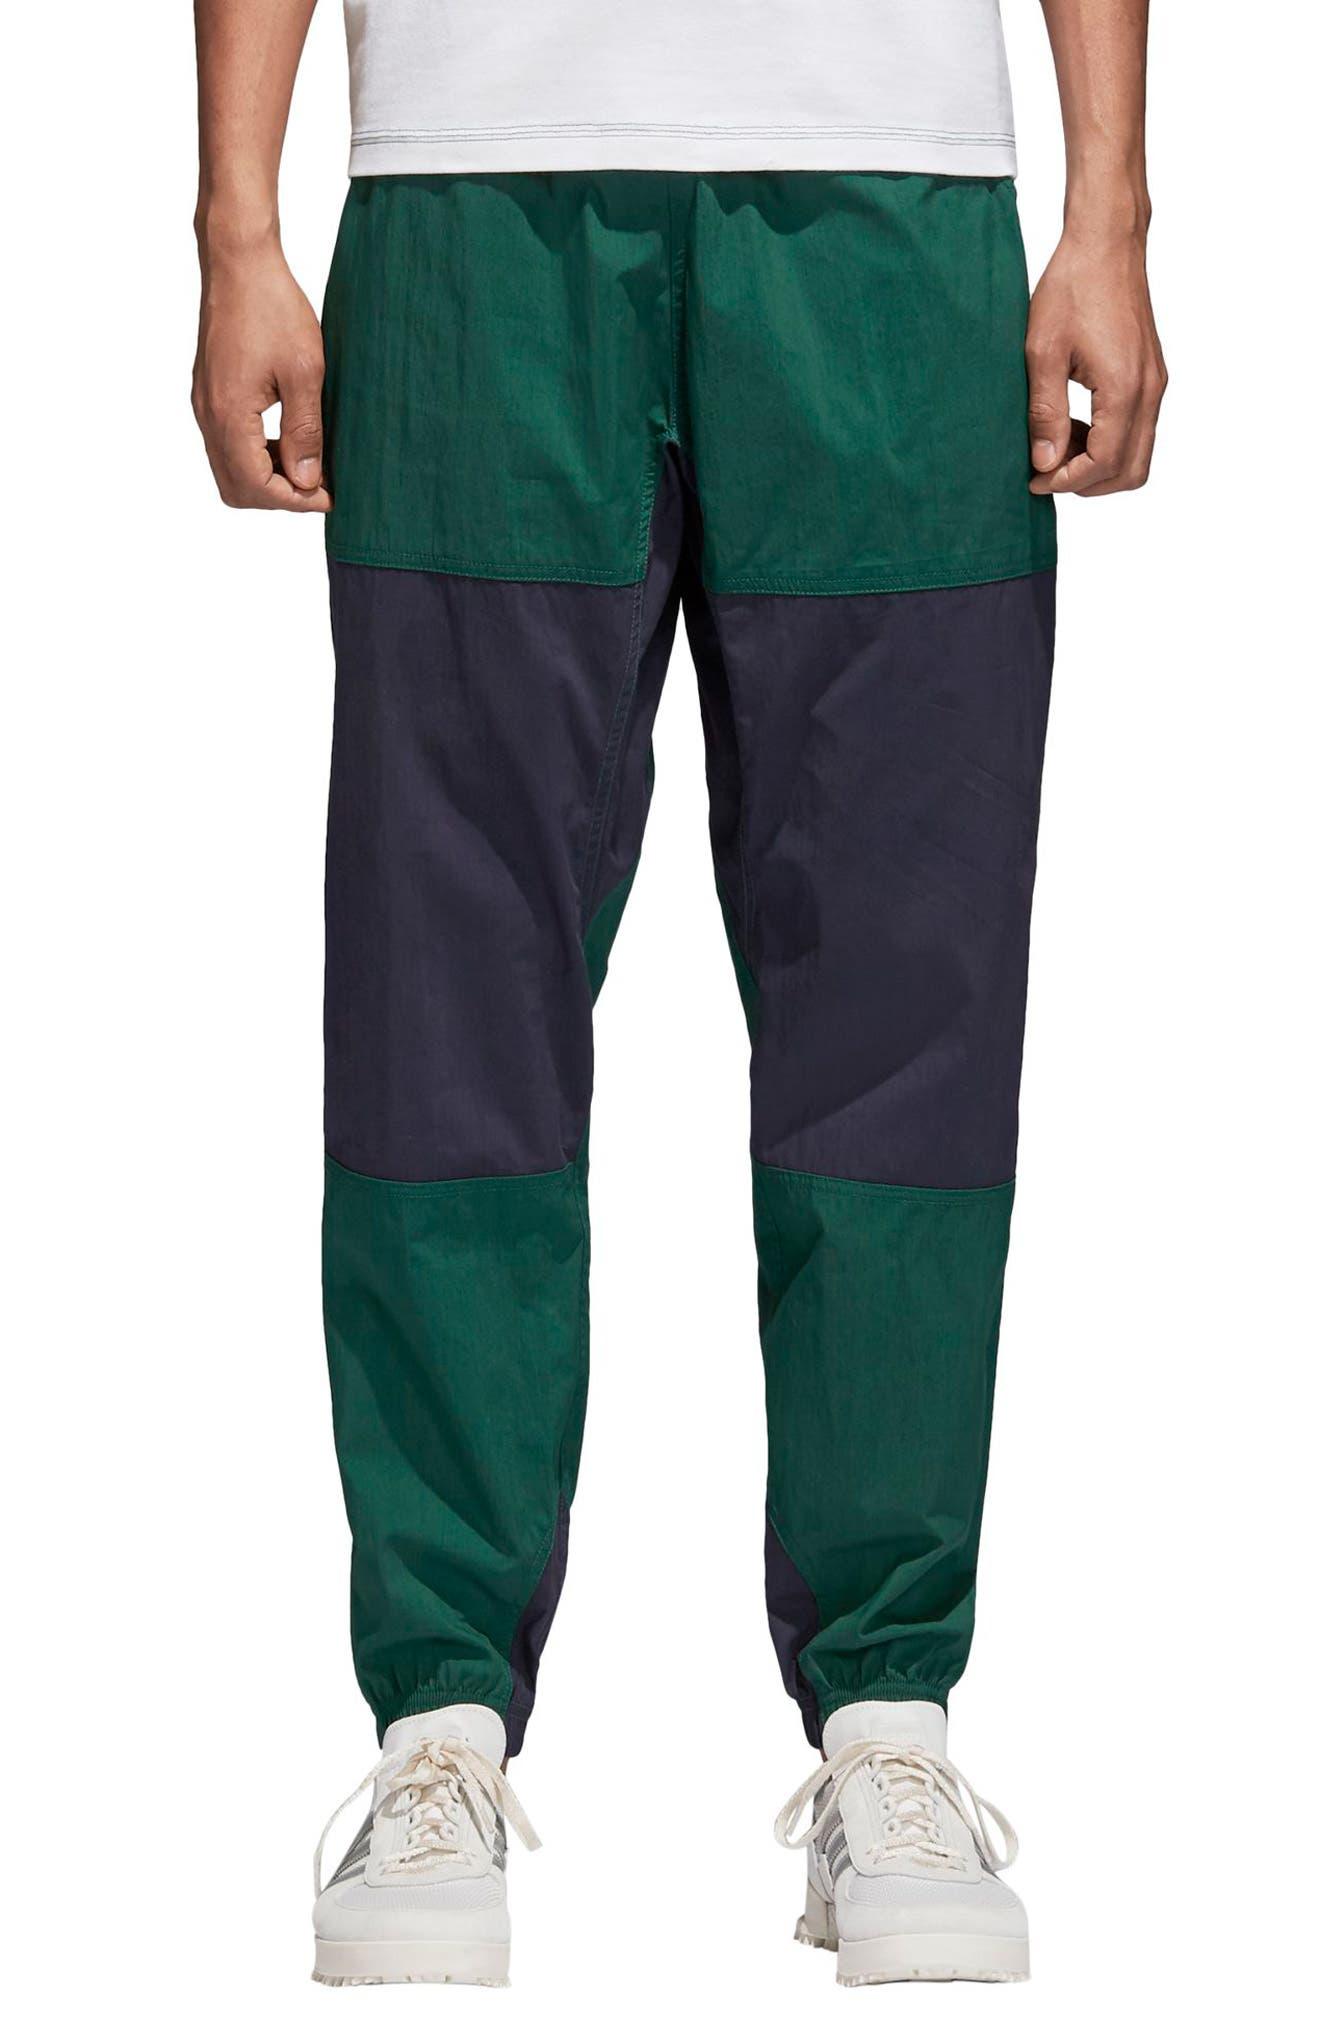 Atric Slim Fit Pants,                             Main thumbnail 1, color,                             Collegiate Green